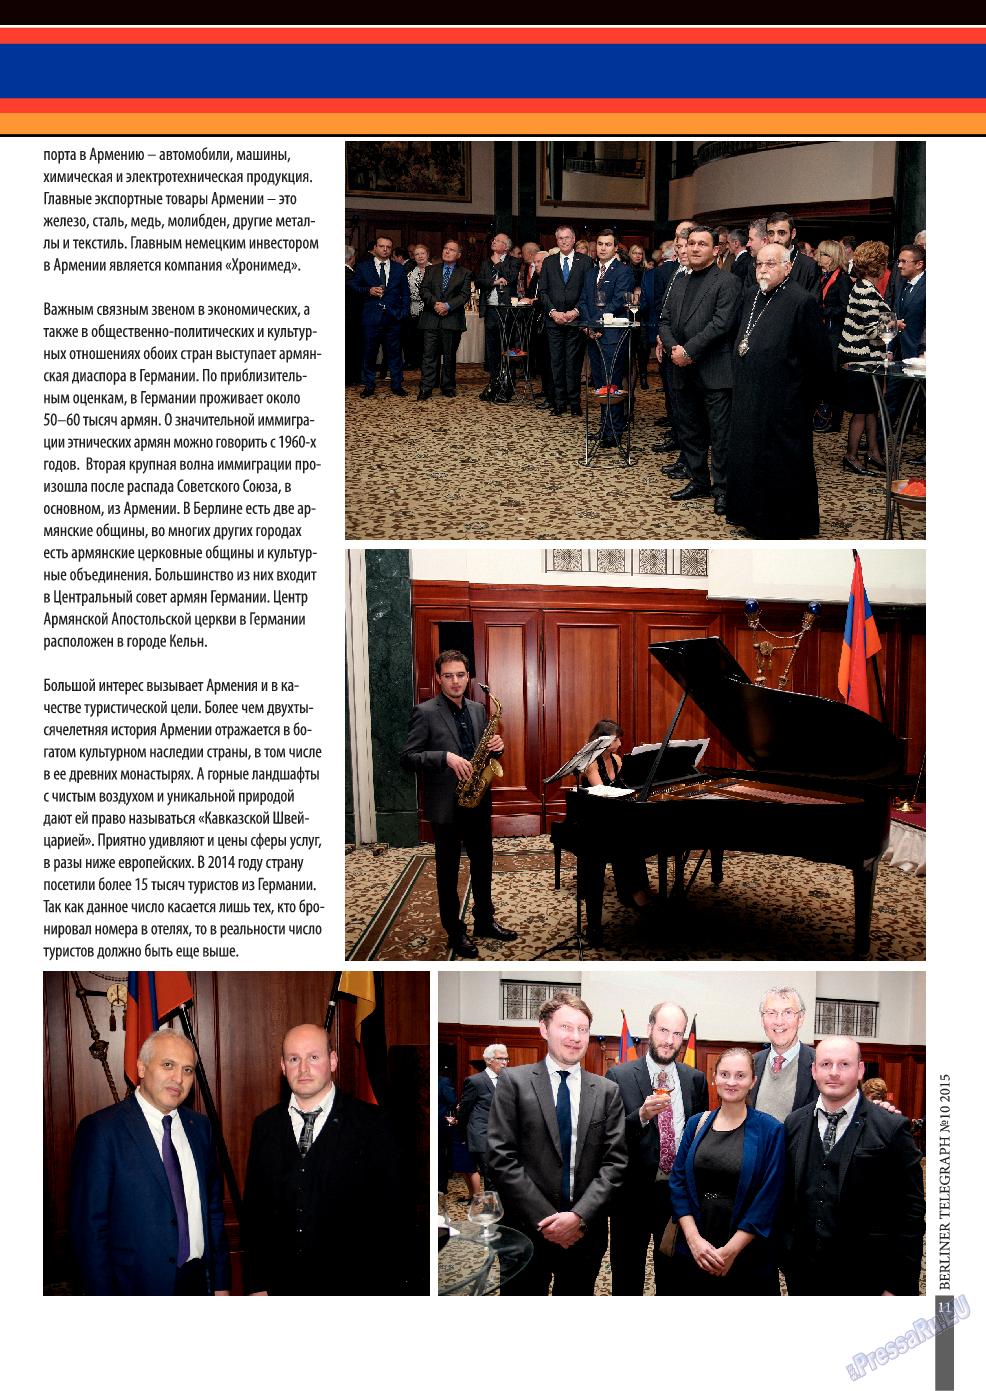 Берлинский телеграф (журнал). 2015 год, номер 11, стр. 11